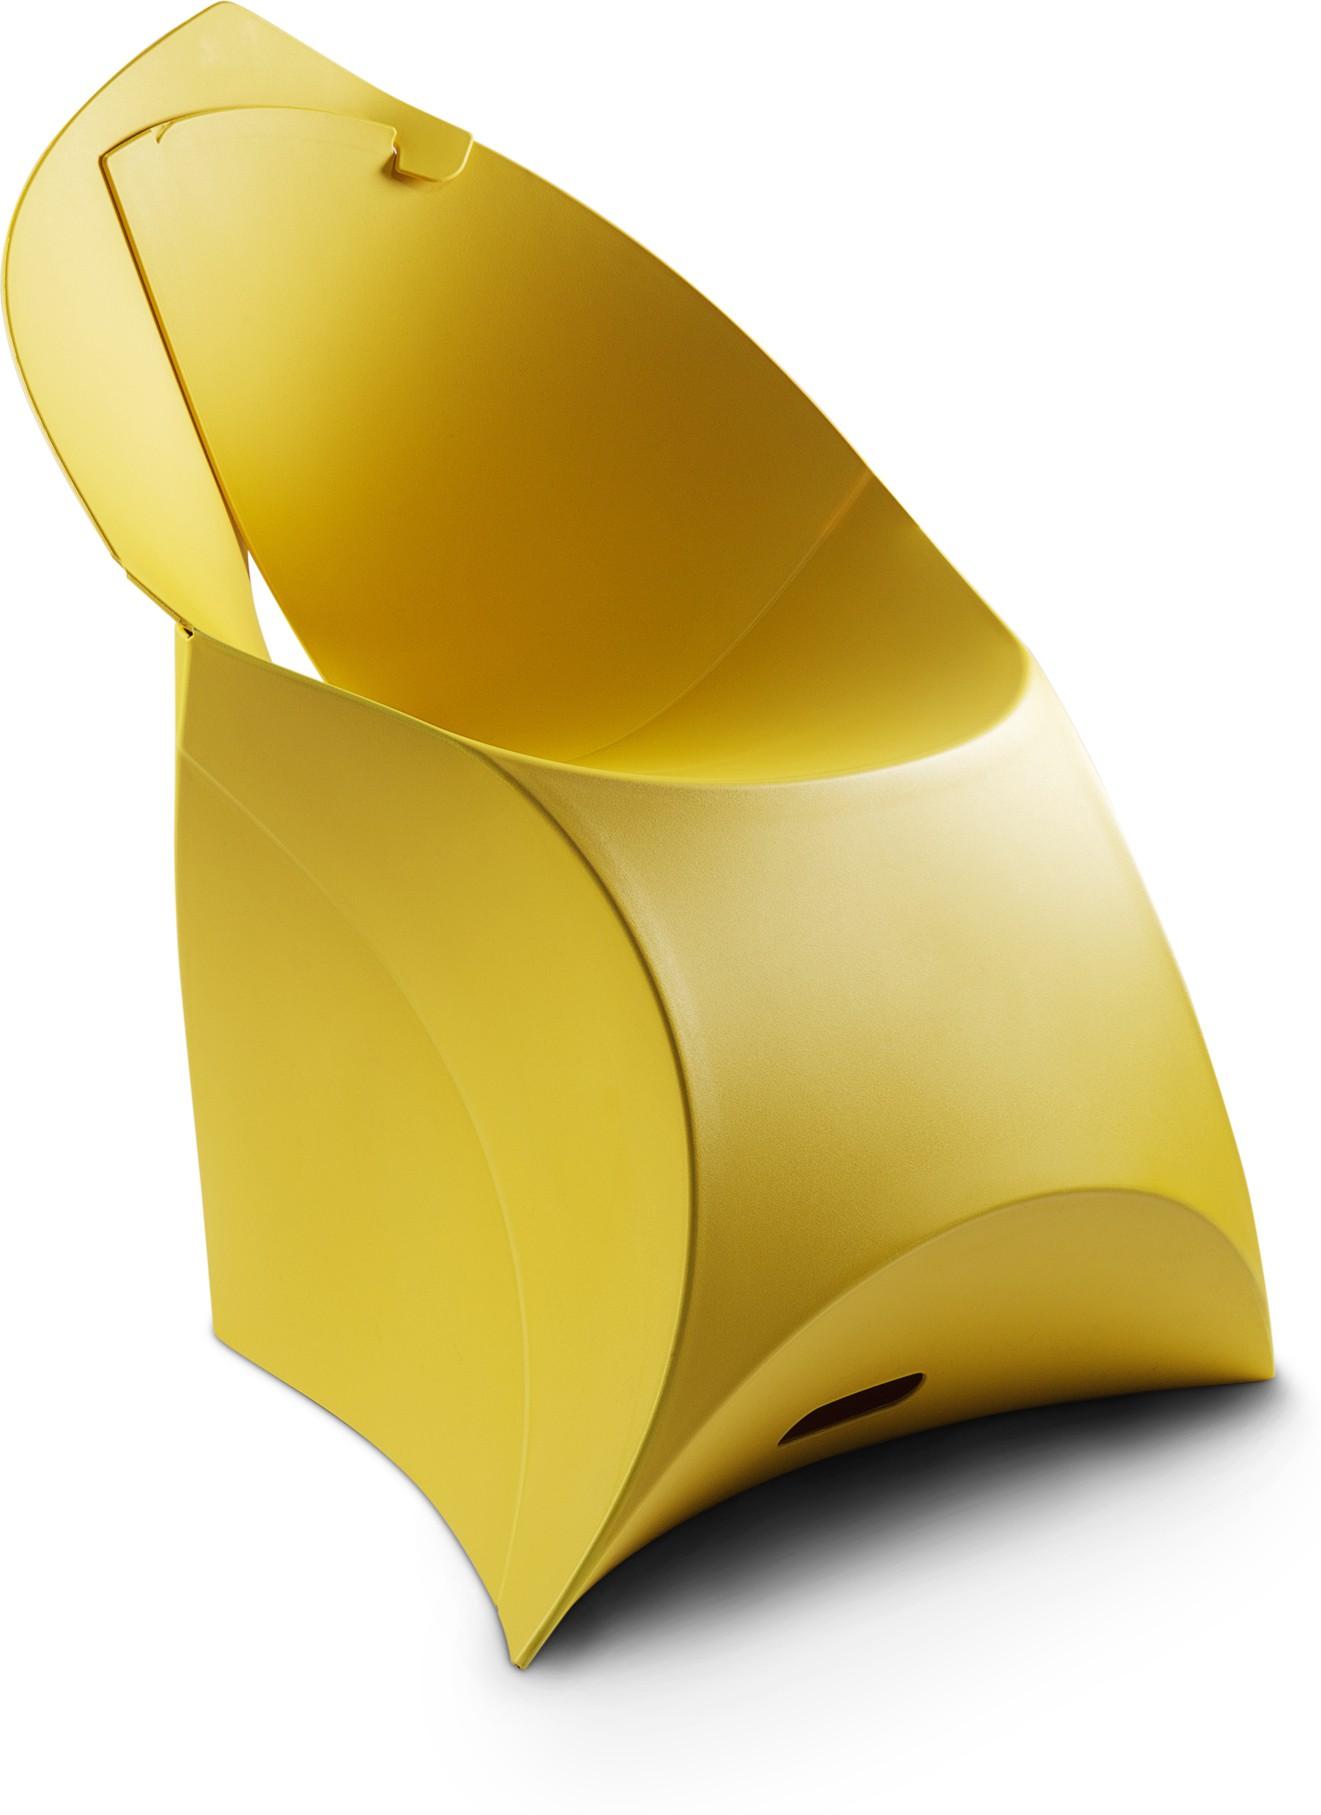 View Flux Plastic Living Room Chair(Finish Color - Lemon Lime) Furniture (Flux)